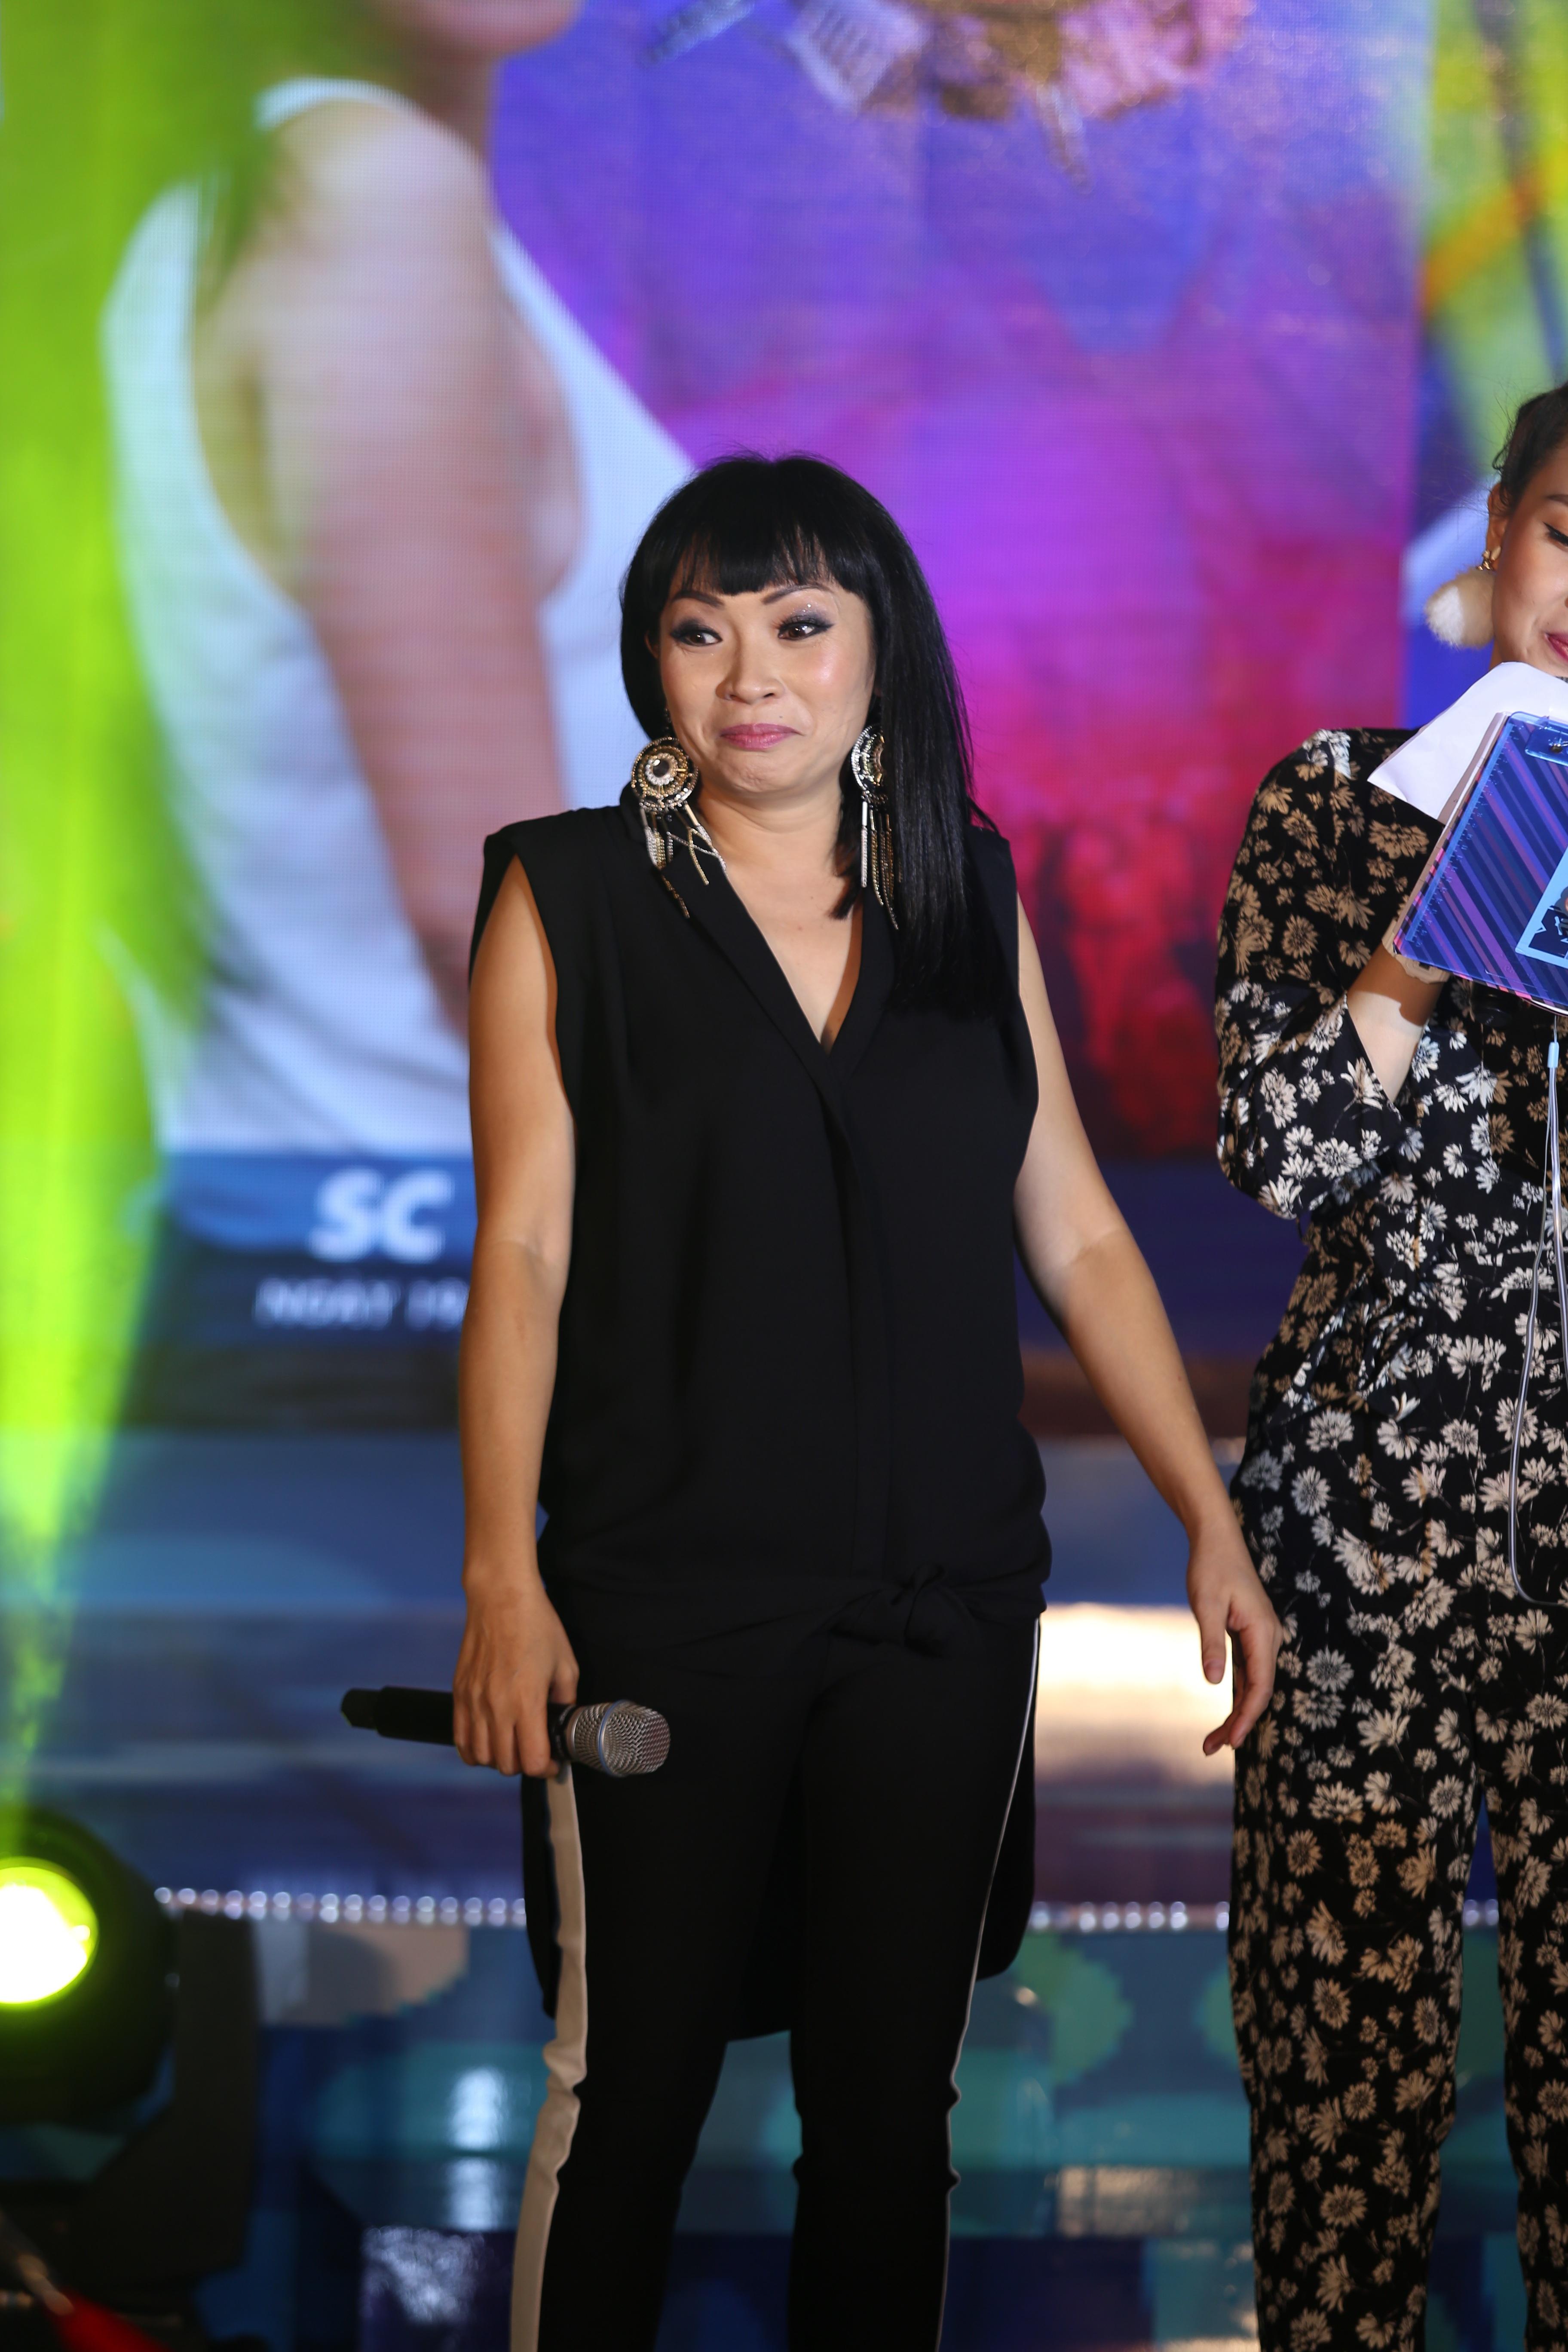 """Với khoảnh khắc hát live không cần nhạc đệm, Phương Thanh đã khiến khán giả """"đã"""" liên tục với giọng hát từng trải và những quãng cao chạm vào những mạnh cảm xúc nhạy cảm nhất làm cho toàn bộ khán giả khó tính nhất cũng phải yên lặng lắng nghe cô hát."""